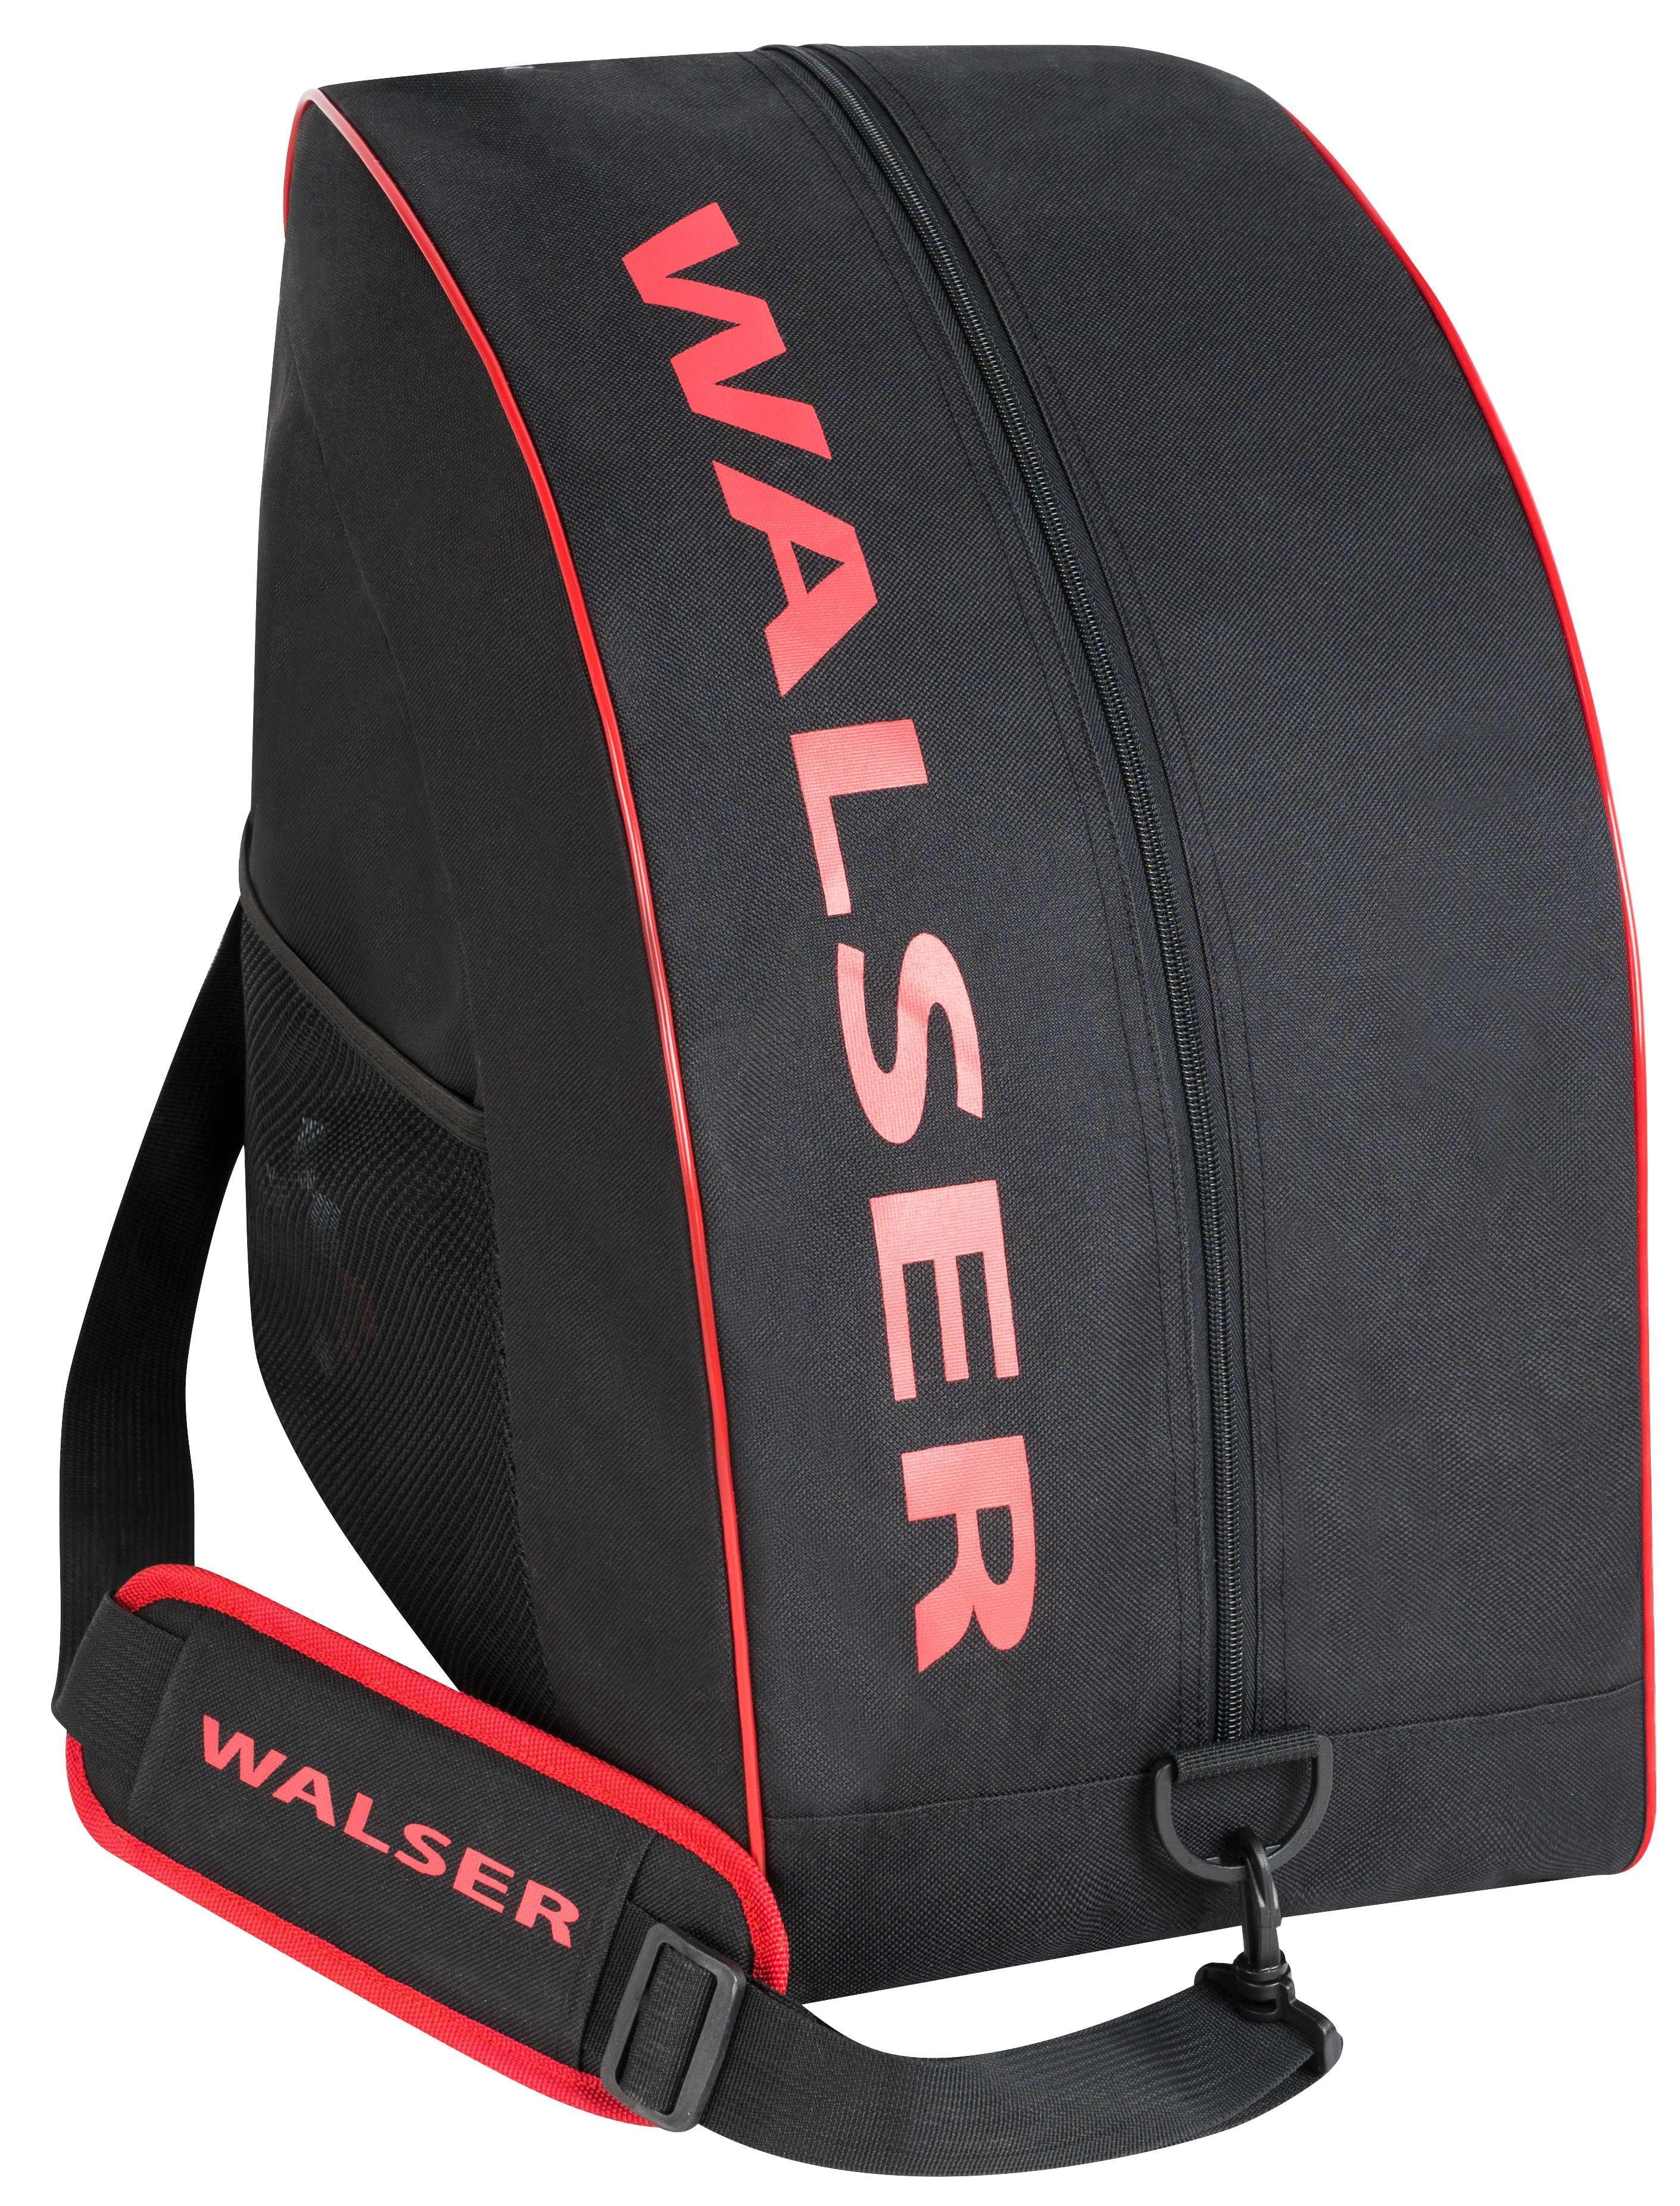 Funda portaesquís 30550 WALSER 30550 en calidad original